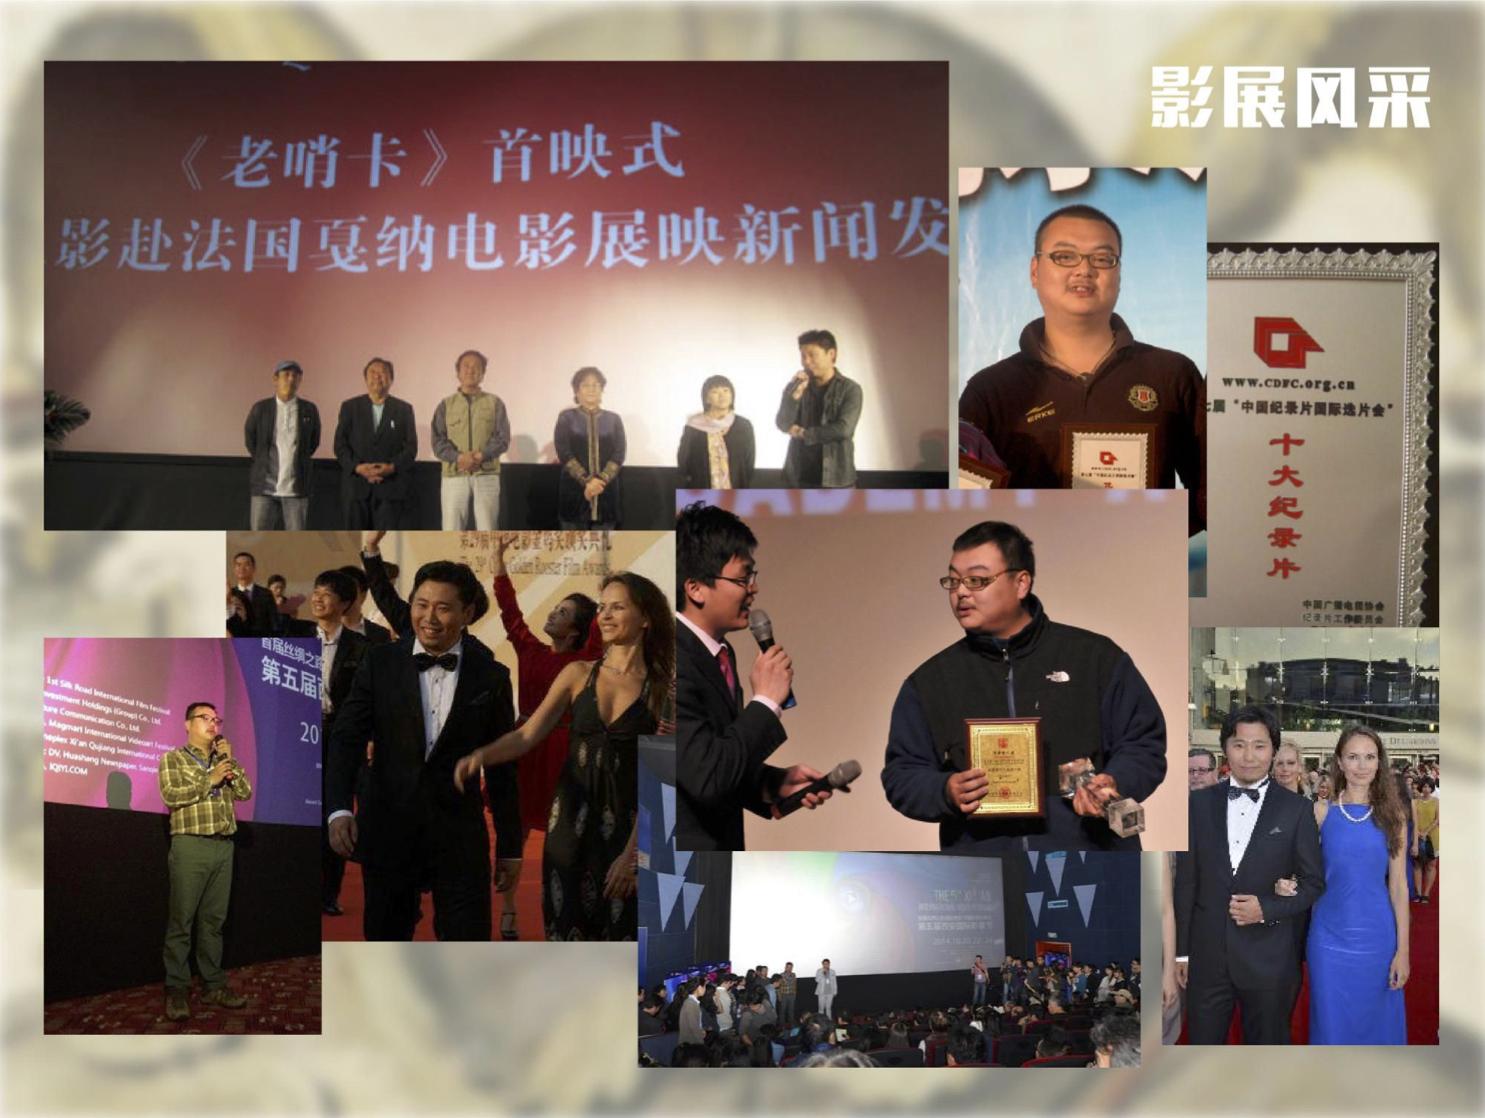 团队作品在国内外各大影展获奖.jpg